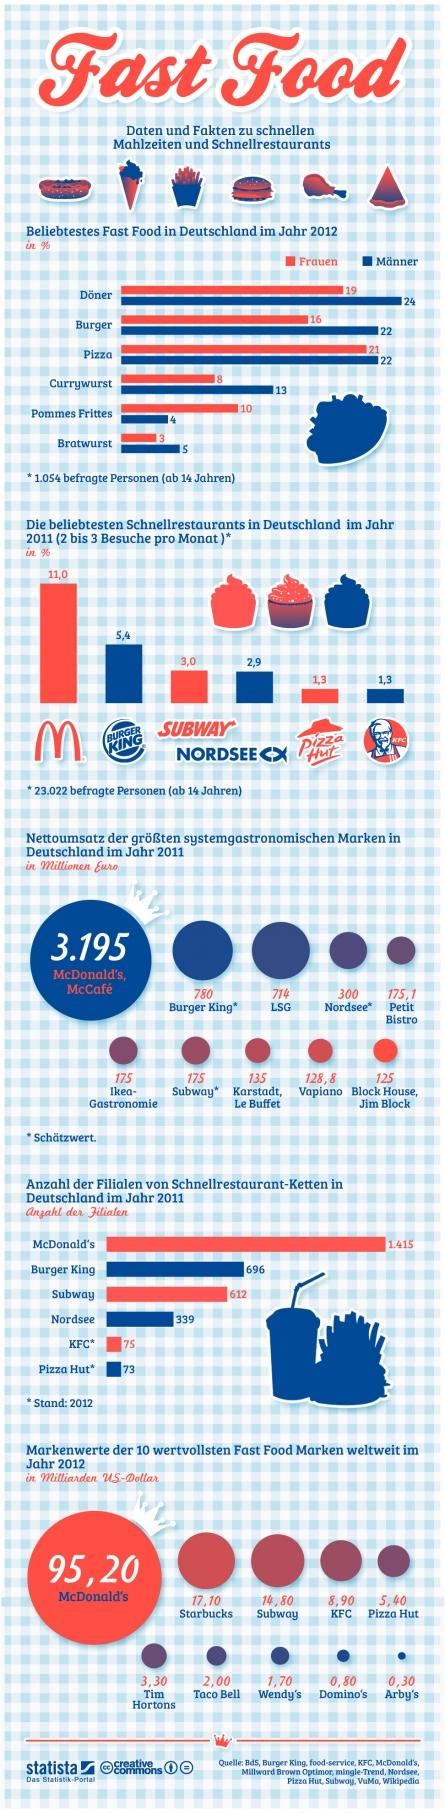 Fastfood in Deutschland